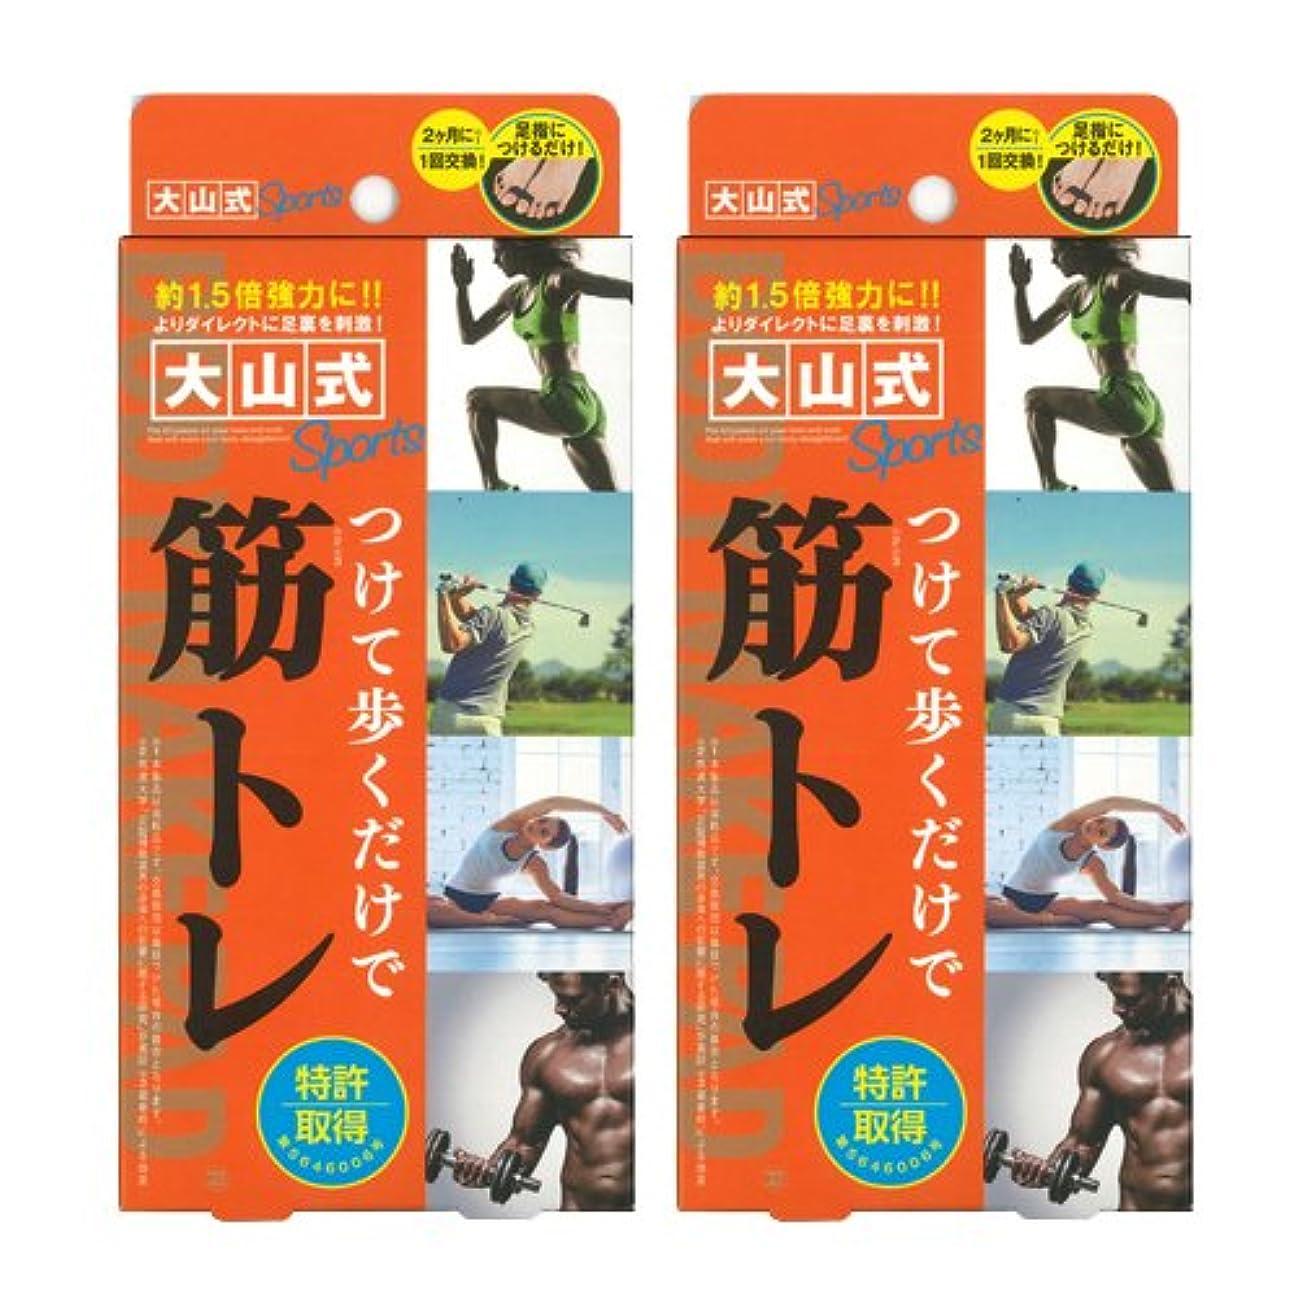 絶妙ジュース防水大山式ボディメイクパッド スポーツ ×2箱セット